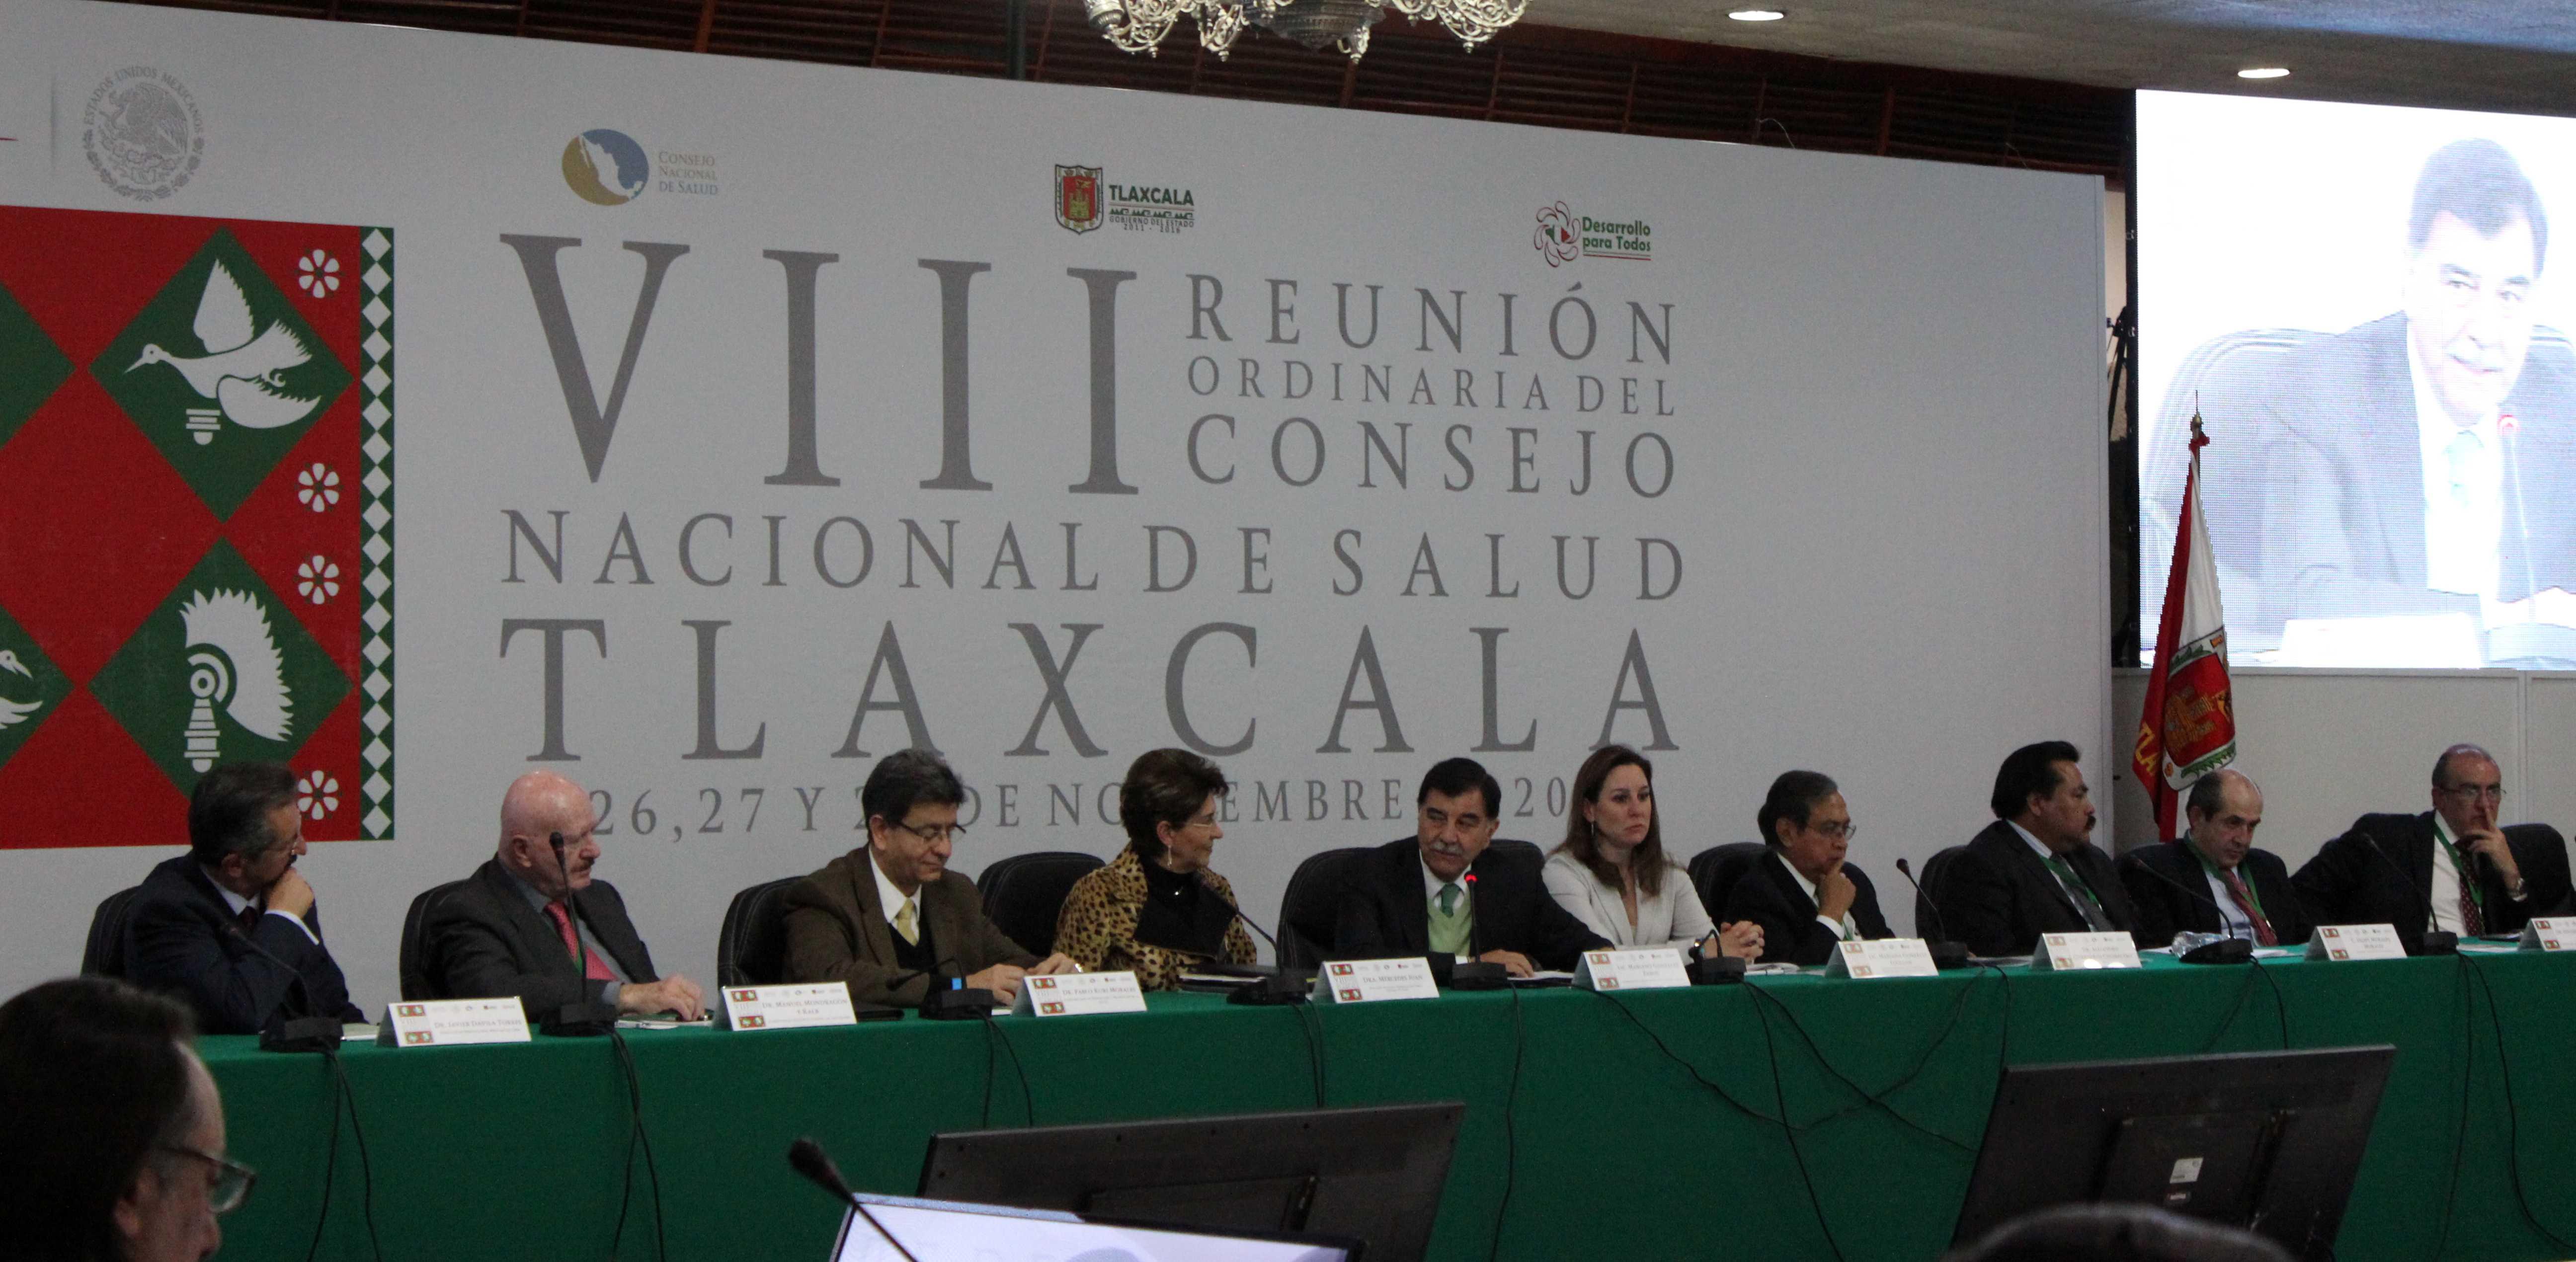 VIII Reunión Ordinaria del Consejo Nacional de Salud, en Tlaxcala